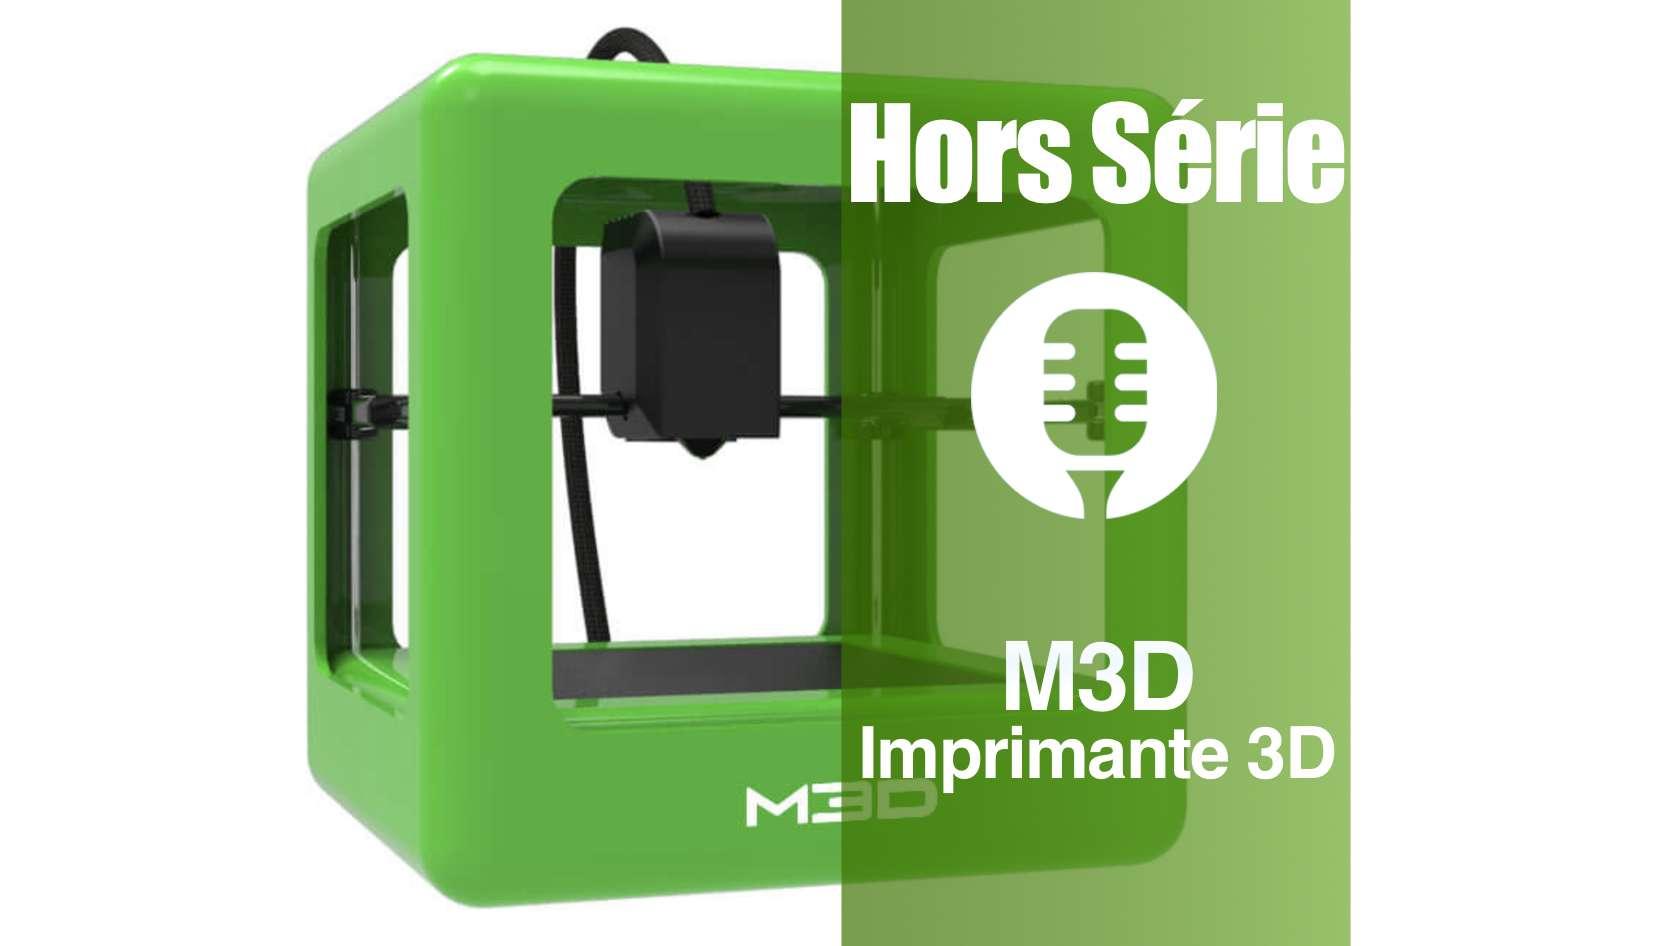 Hors série: M3D, la micro imprimante 3D